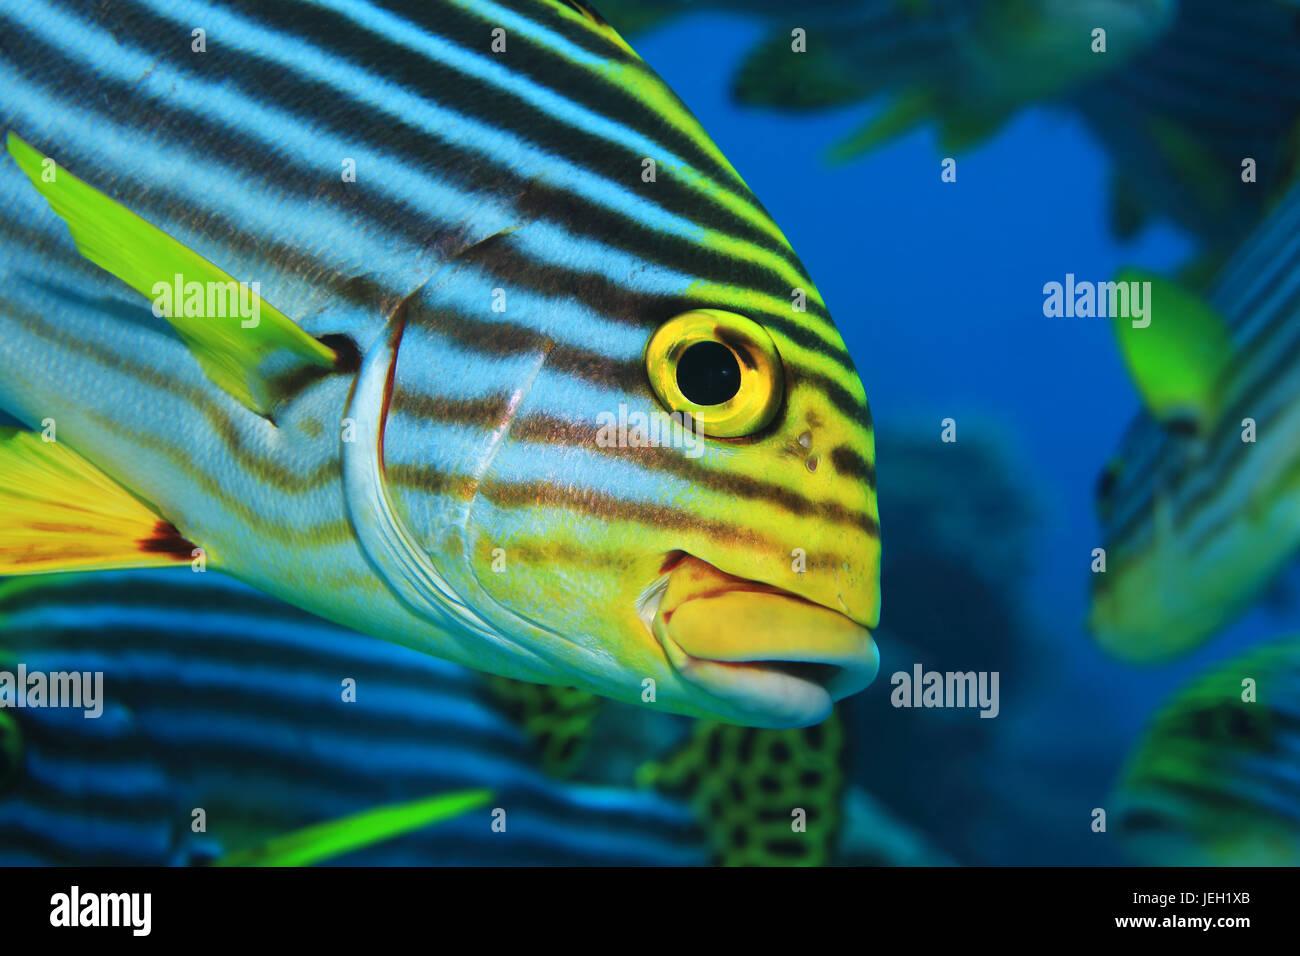 Oriental sweetlips fish (Plectorhinchus orientalis) underwater in the tropical indian ocean - Stock Image